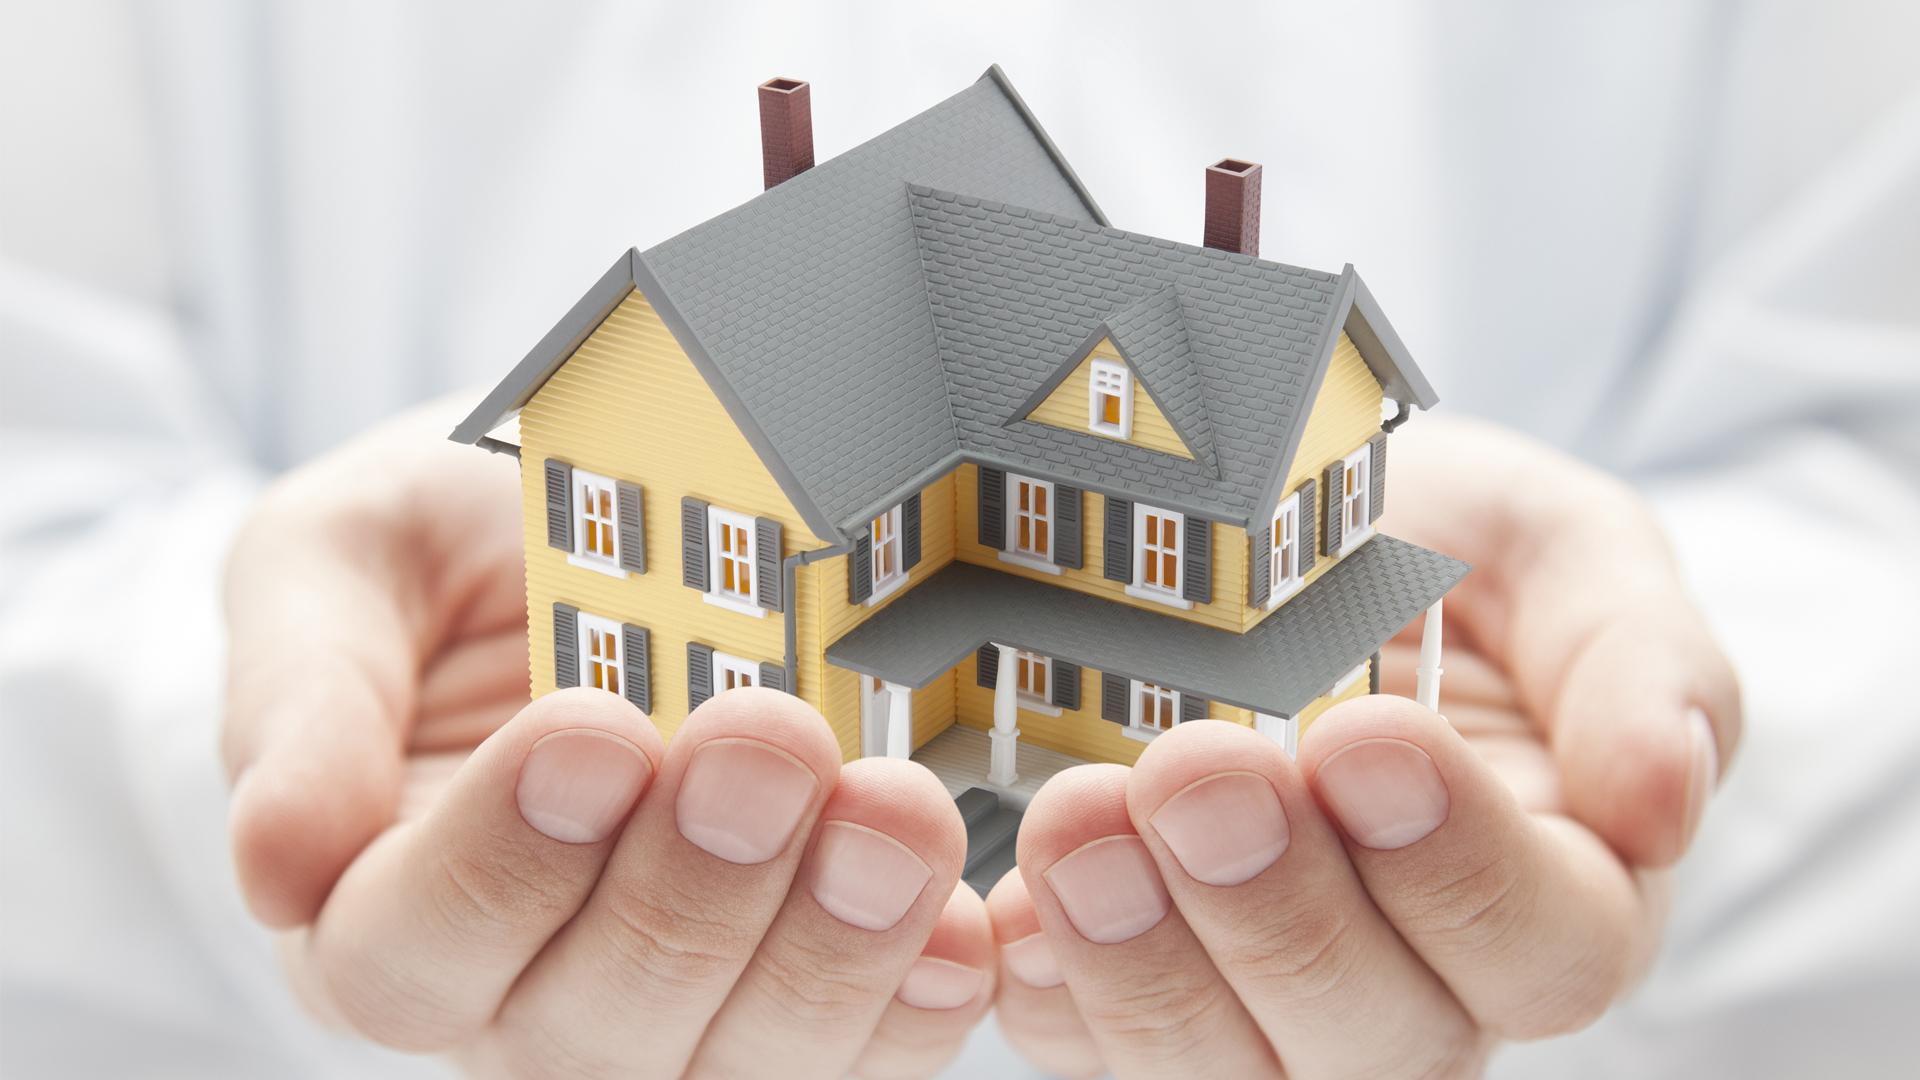 slider 2 – home insurance